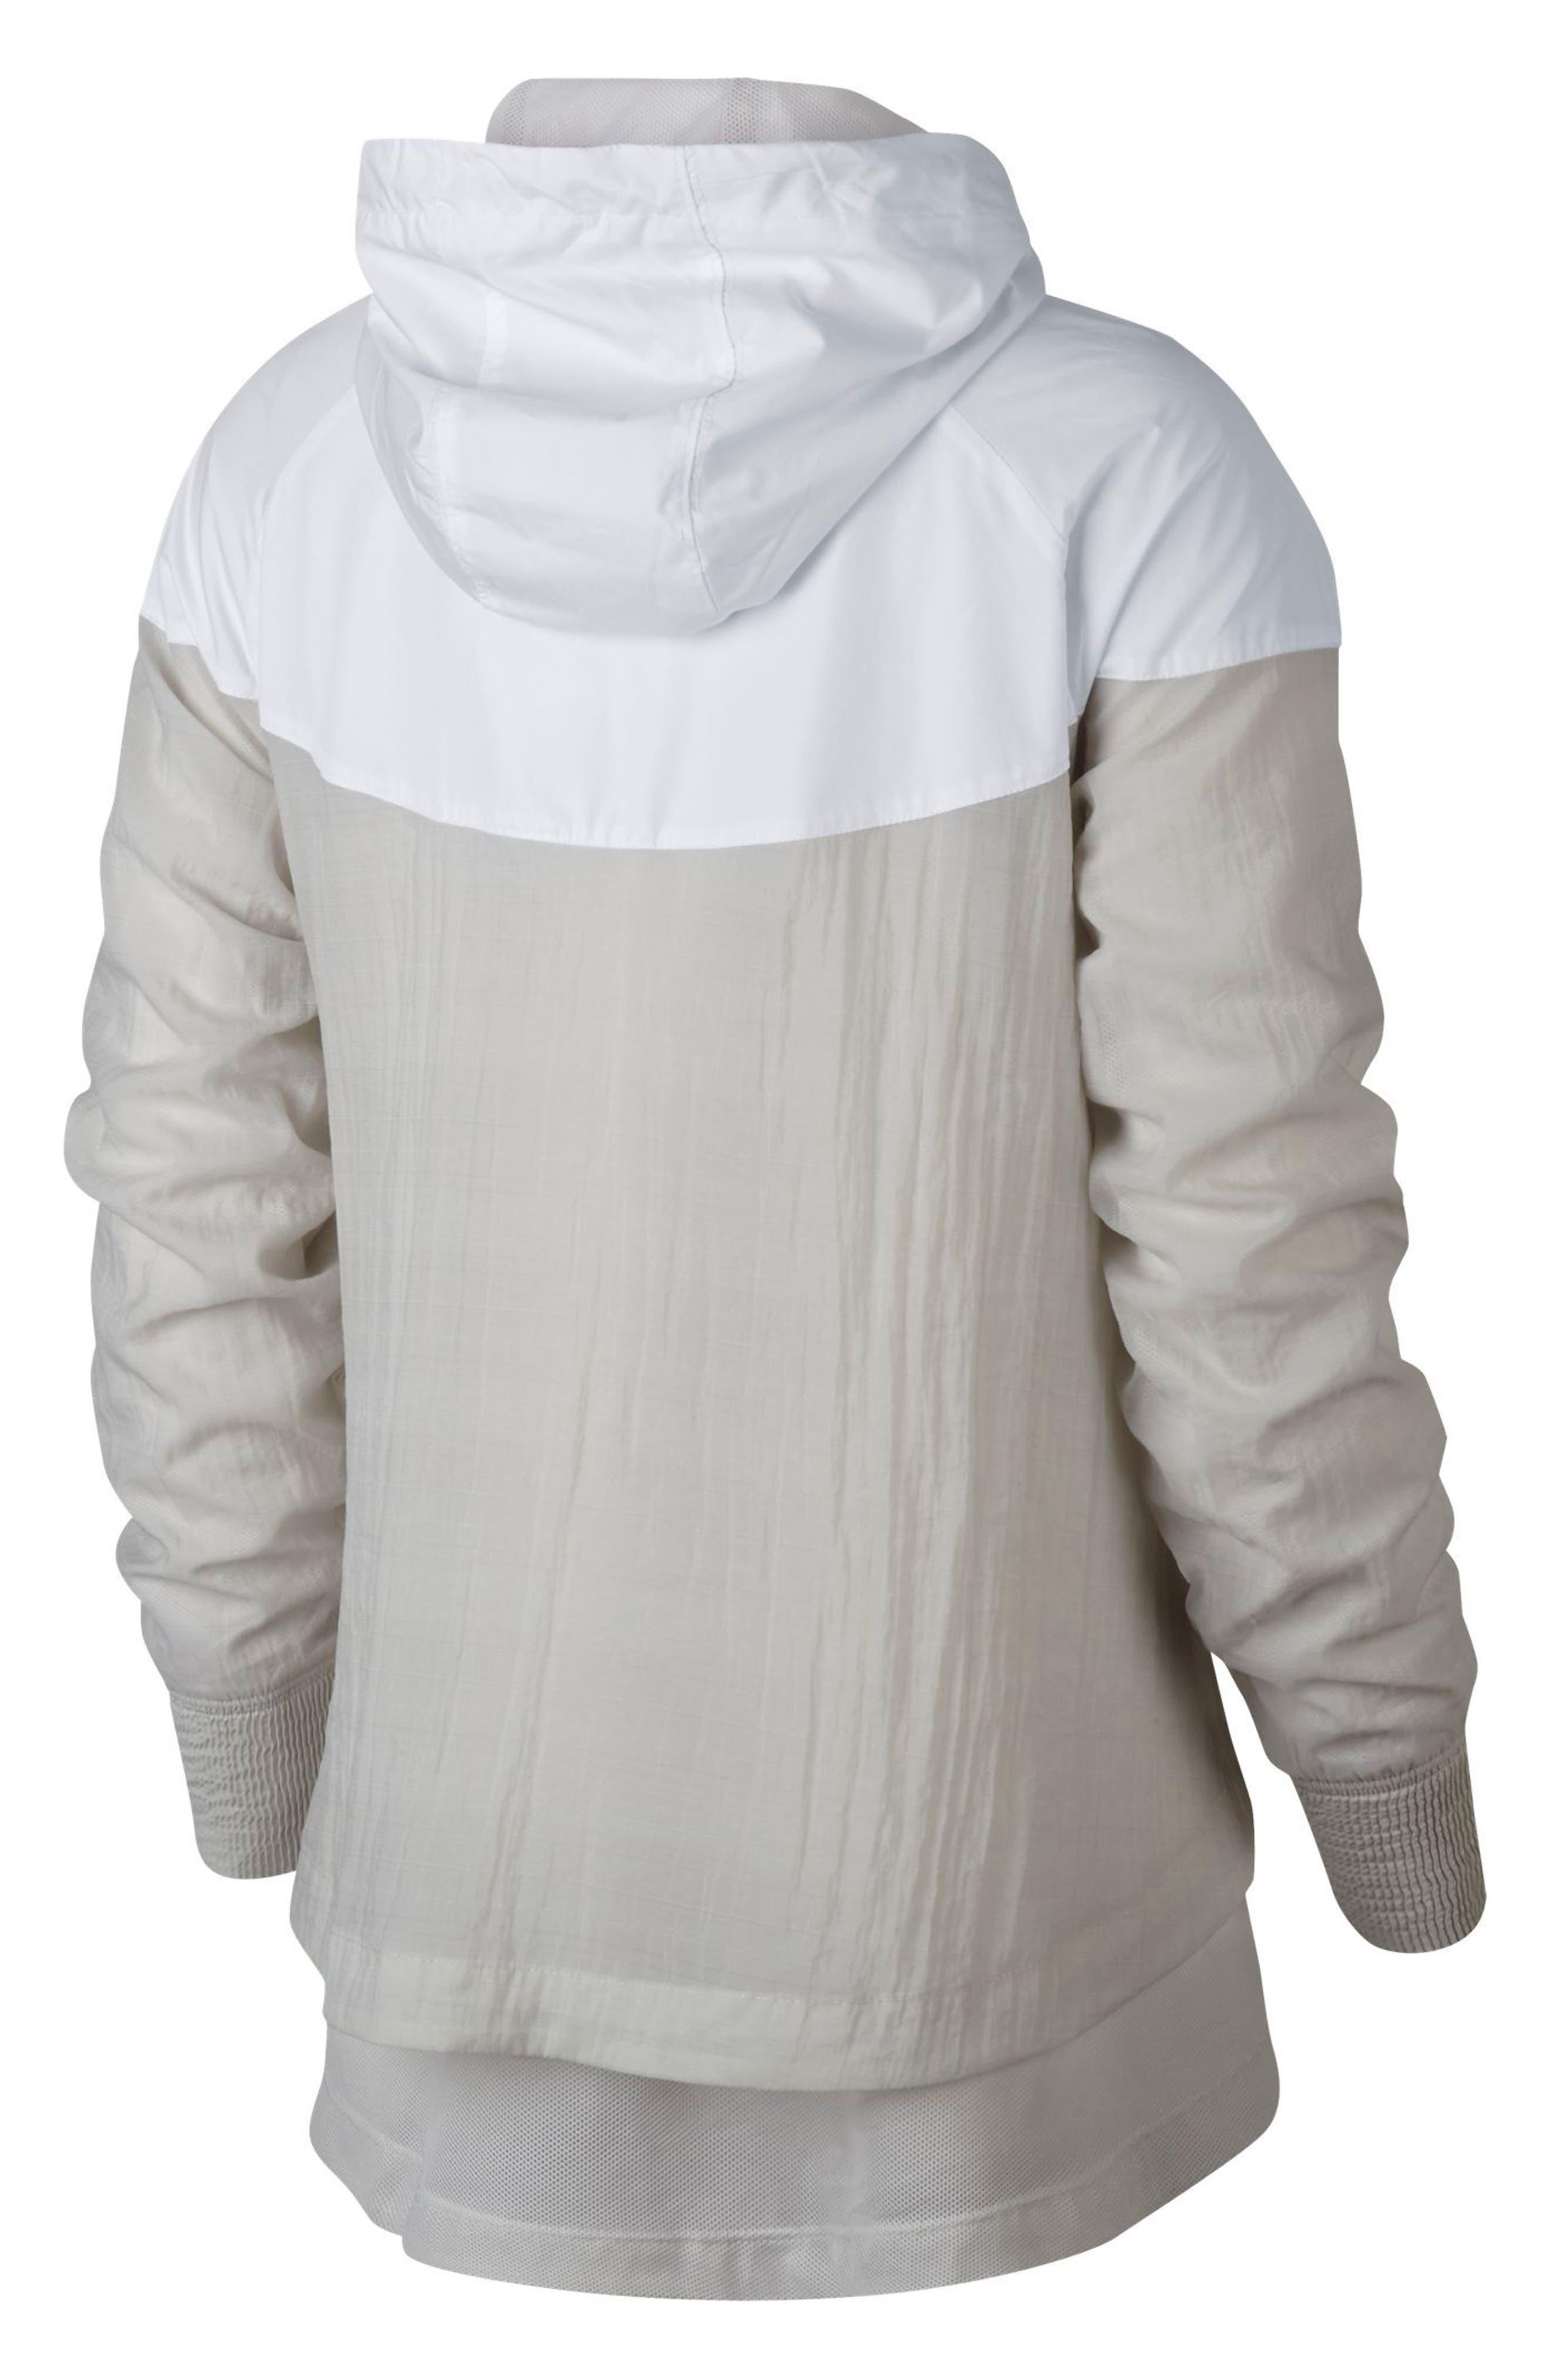 Sportswear Women's Windrunner Water Repellent Jacket,                             Alternate thumbnail 2, color,                             WHITE/ LIGHT BONE/ LIGHT BONE